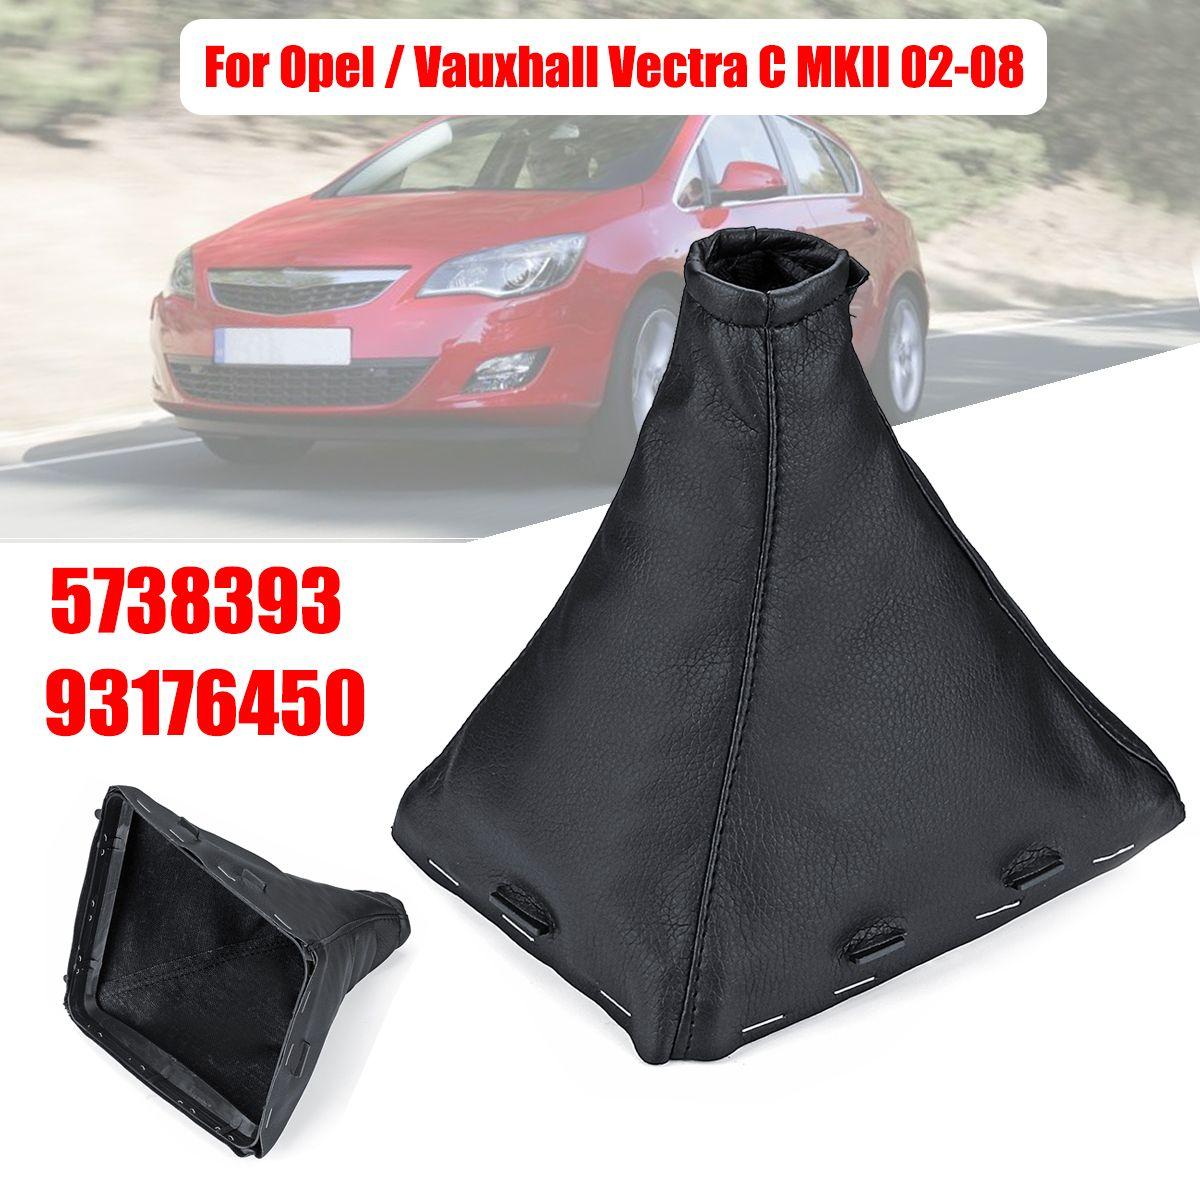 93176450 auto Schaltknauf Gamasche Boot Abdeckung Getriebe Stick Abdeckung Für Opel/Vauxhall Vectra C MKII 2002- 2008 5738393